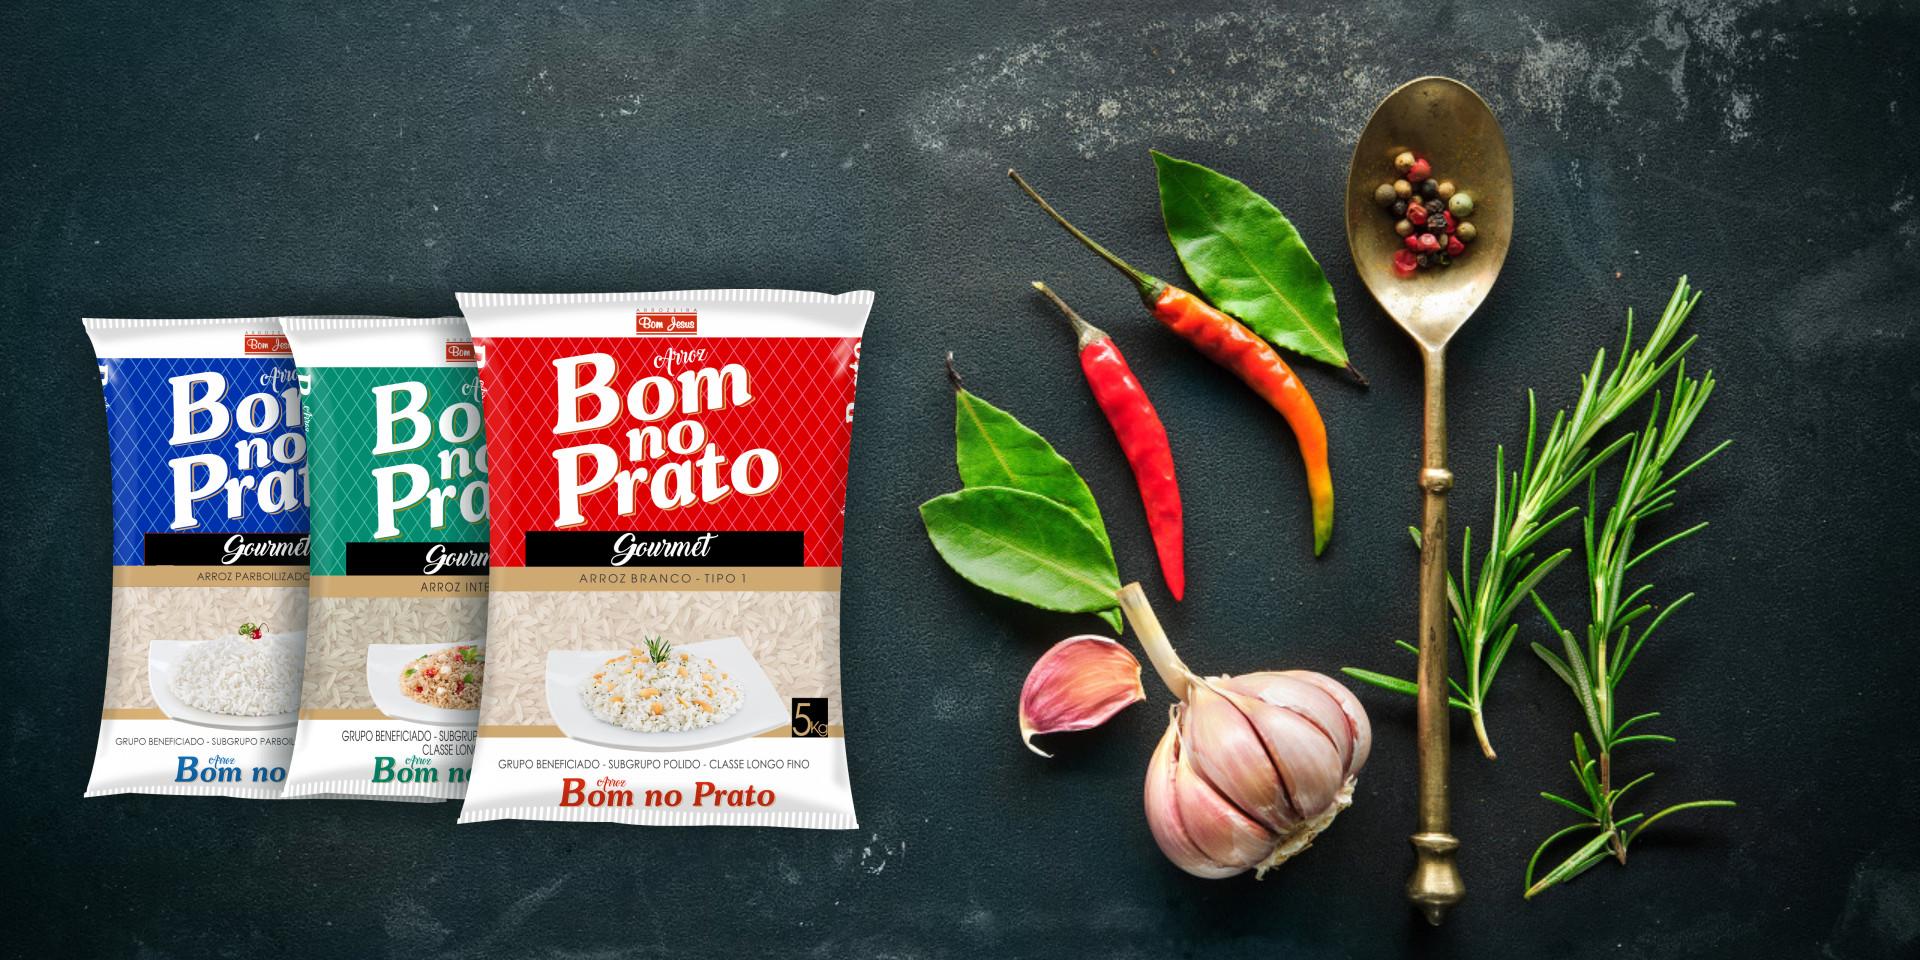 Imagem de fundo mostra as embalagens do arroz Branco, Integral e Parboilizado Bom no Prato, pimentas, alho e uma colher